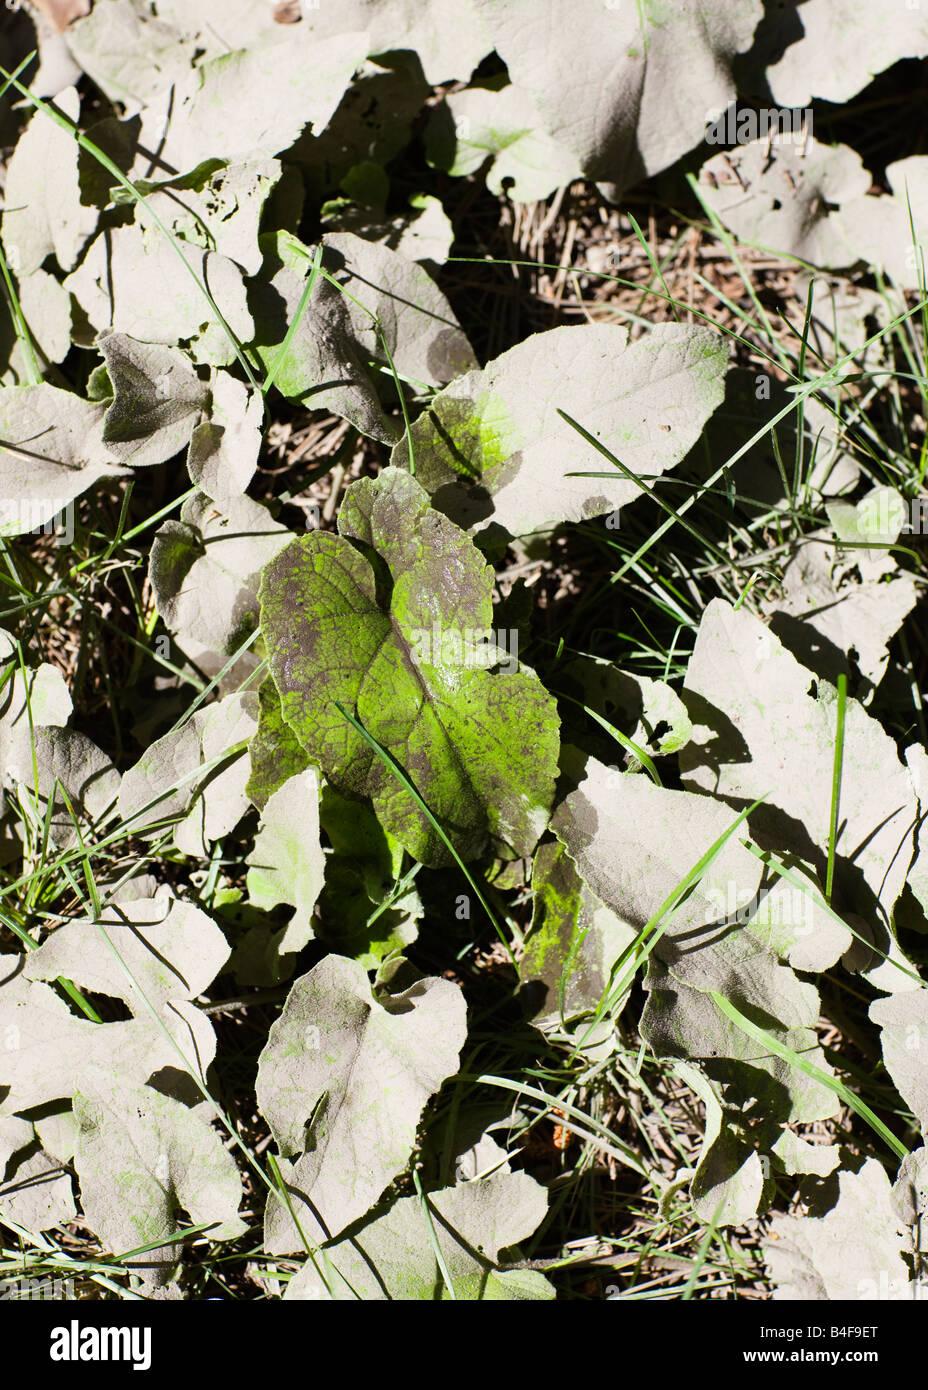 La polvere di inquinamento su foglie verdi nella parte industriale di Toronto, Ontario, Canada. Immagini Stock